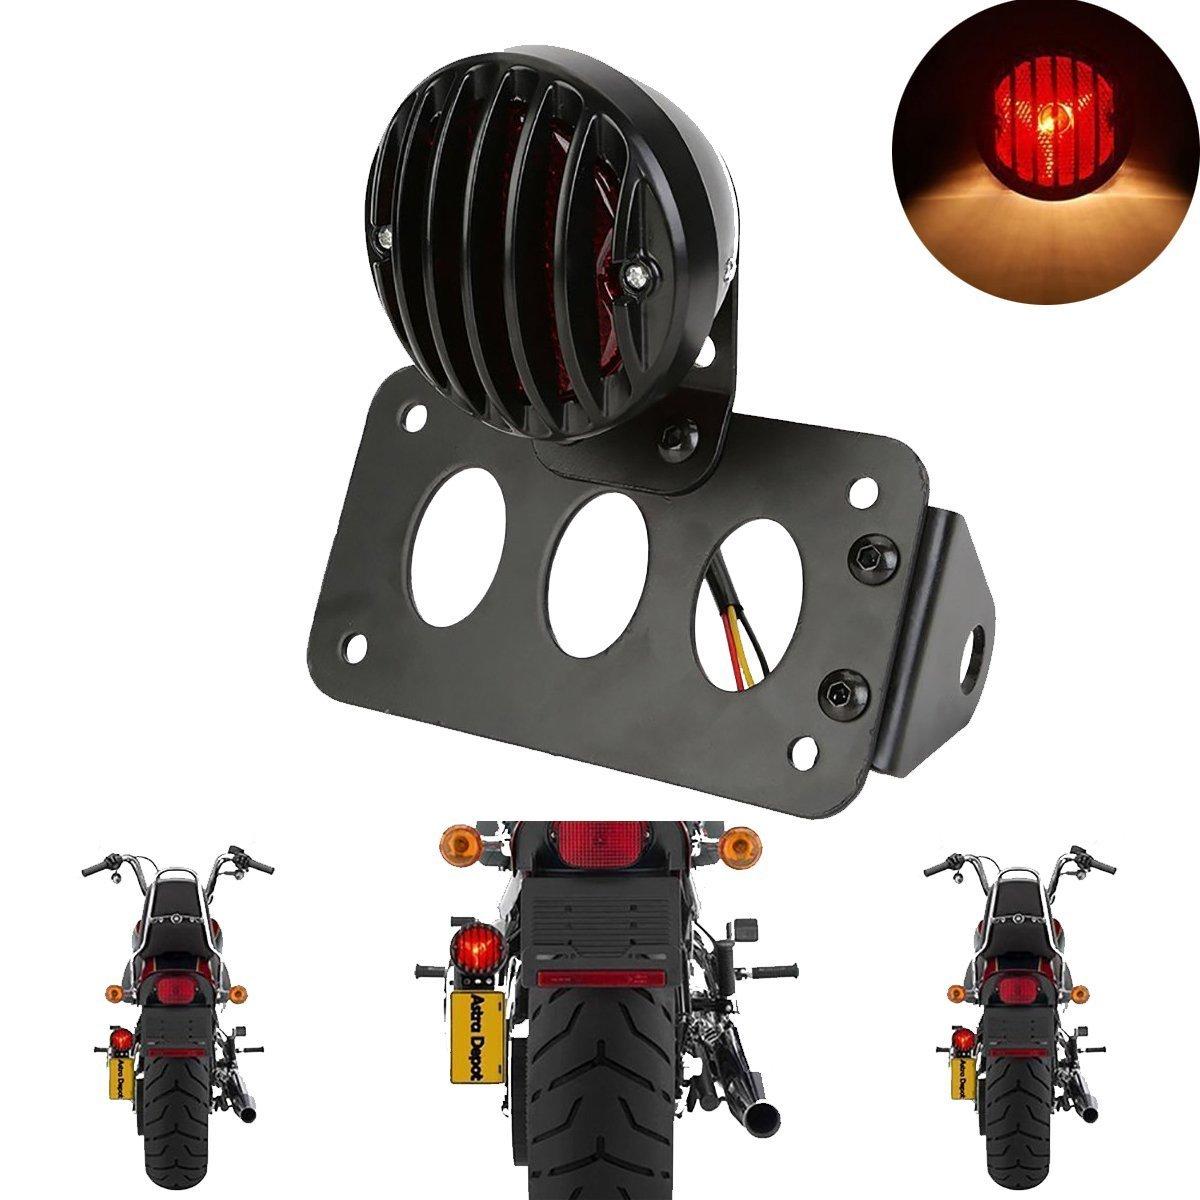 TUINCYN, fanale posteriore di colore rosso per moto, robusto, luce di stop, indicatore lampeggiante da 12 V, con portatarga nero, 1 confezione BHBAZUALIn5366